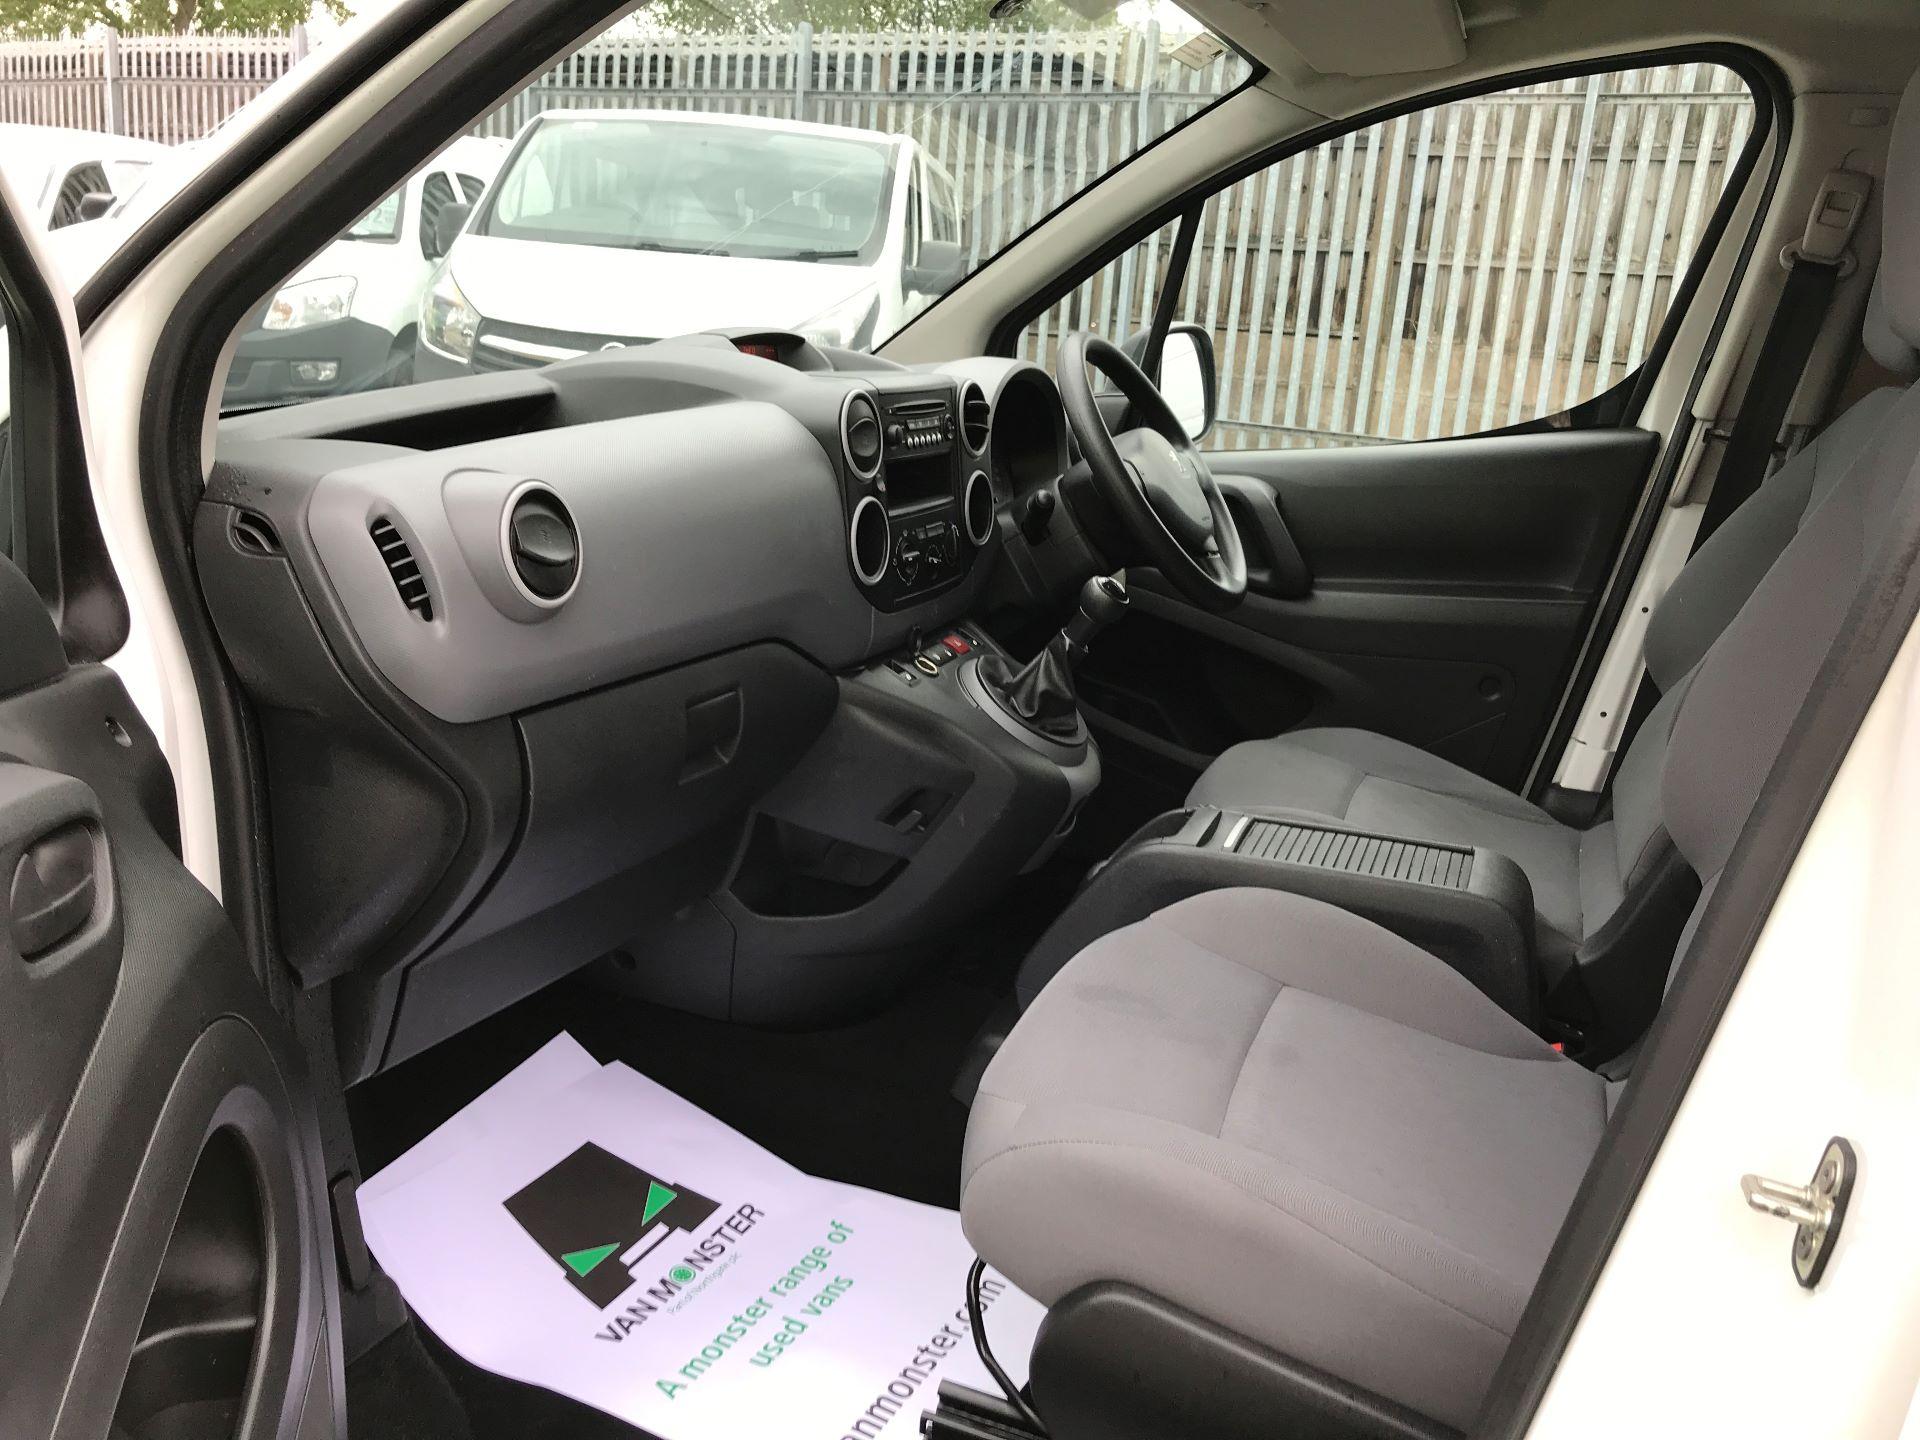 2016 Peugeot Partner L1 850 S 1.6HDI 92PS EURO 5 (NV65NKS) Image 12